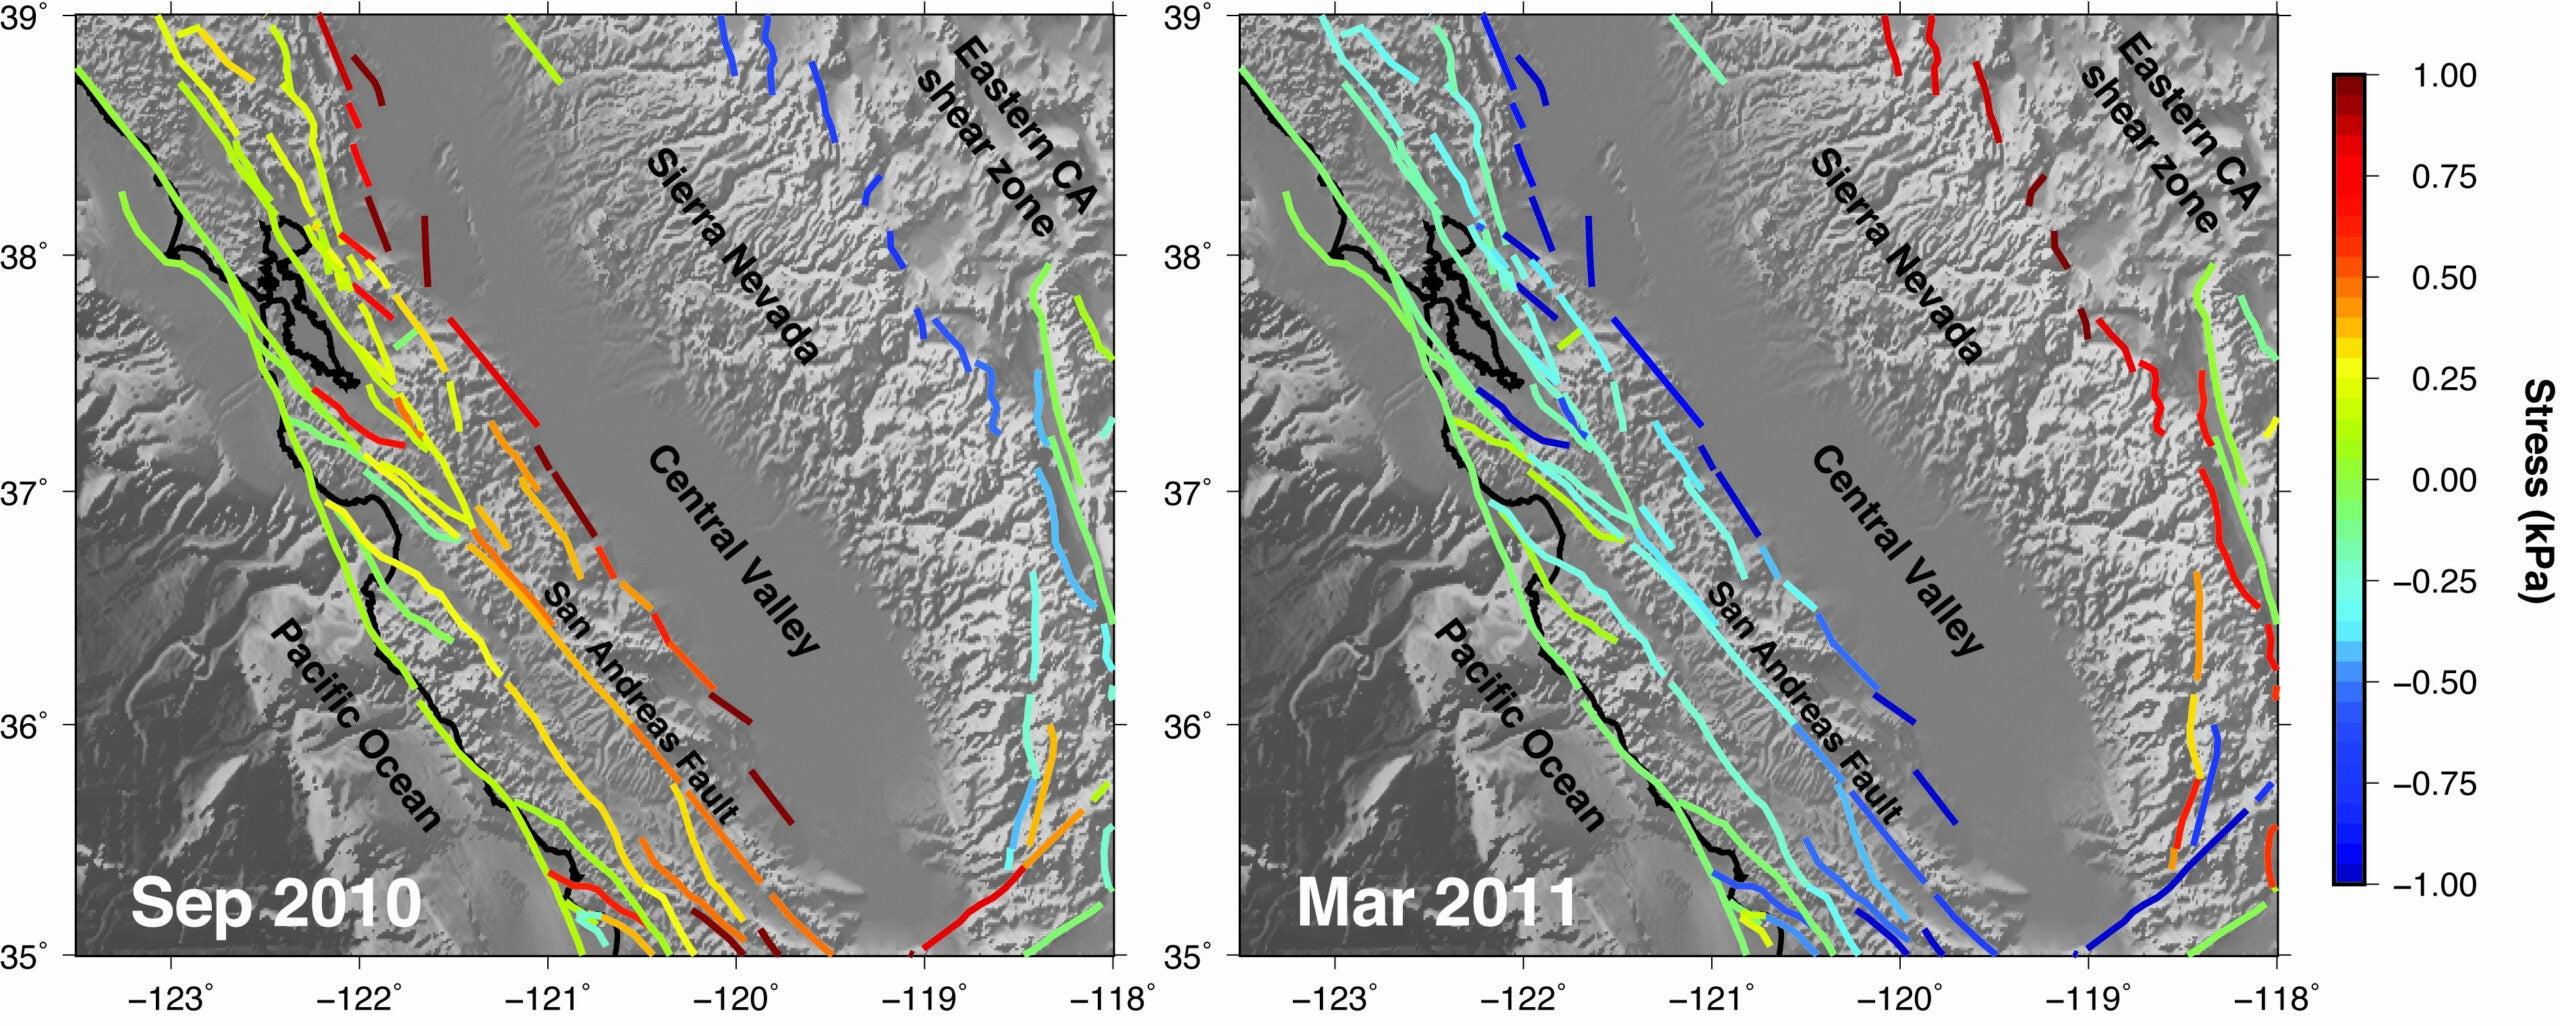 seasonal earthquake stress